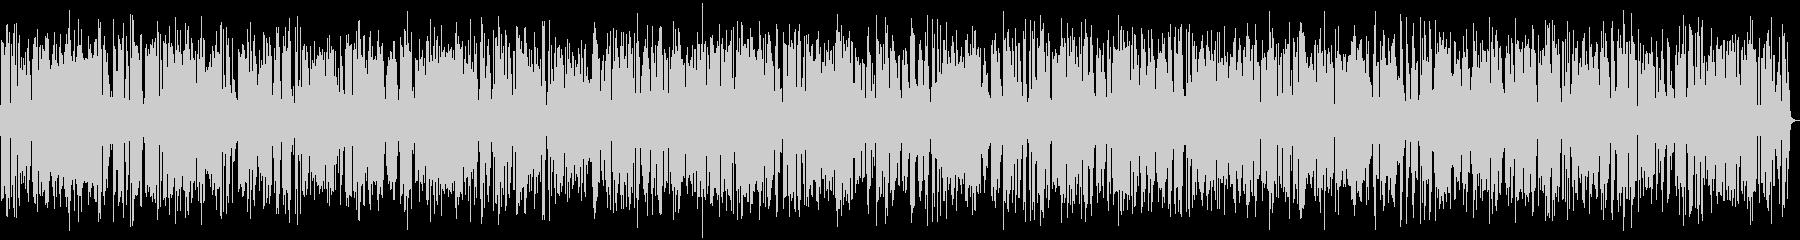 夜のジャズバー風ジャズピアノトリオ17分の未再生の波形